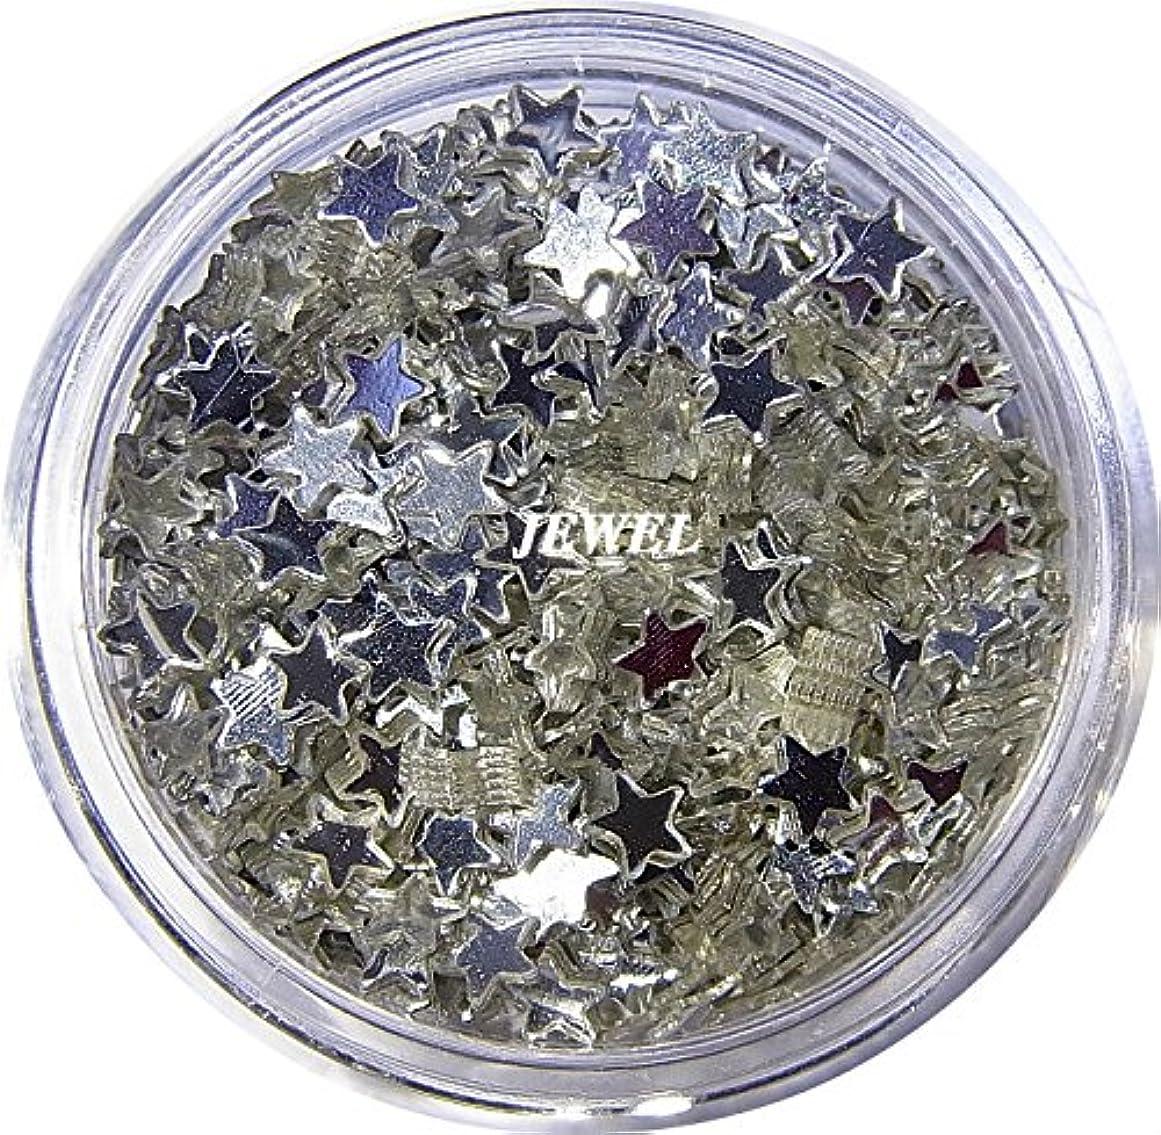 暴力優しさカバレッジ【jewel】 星ホログラム 2.5mm シルバー スター 2g入り レジン&ネイル用